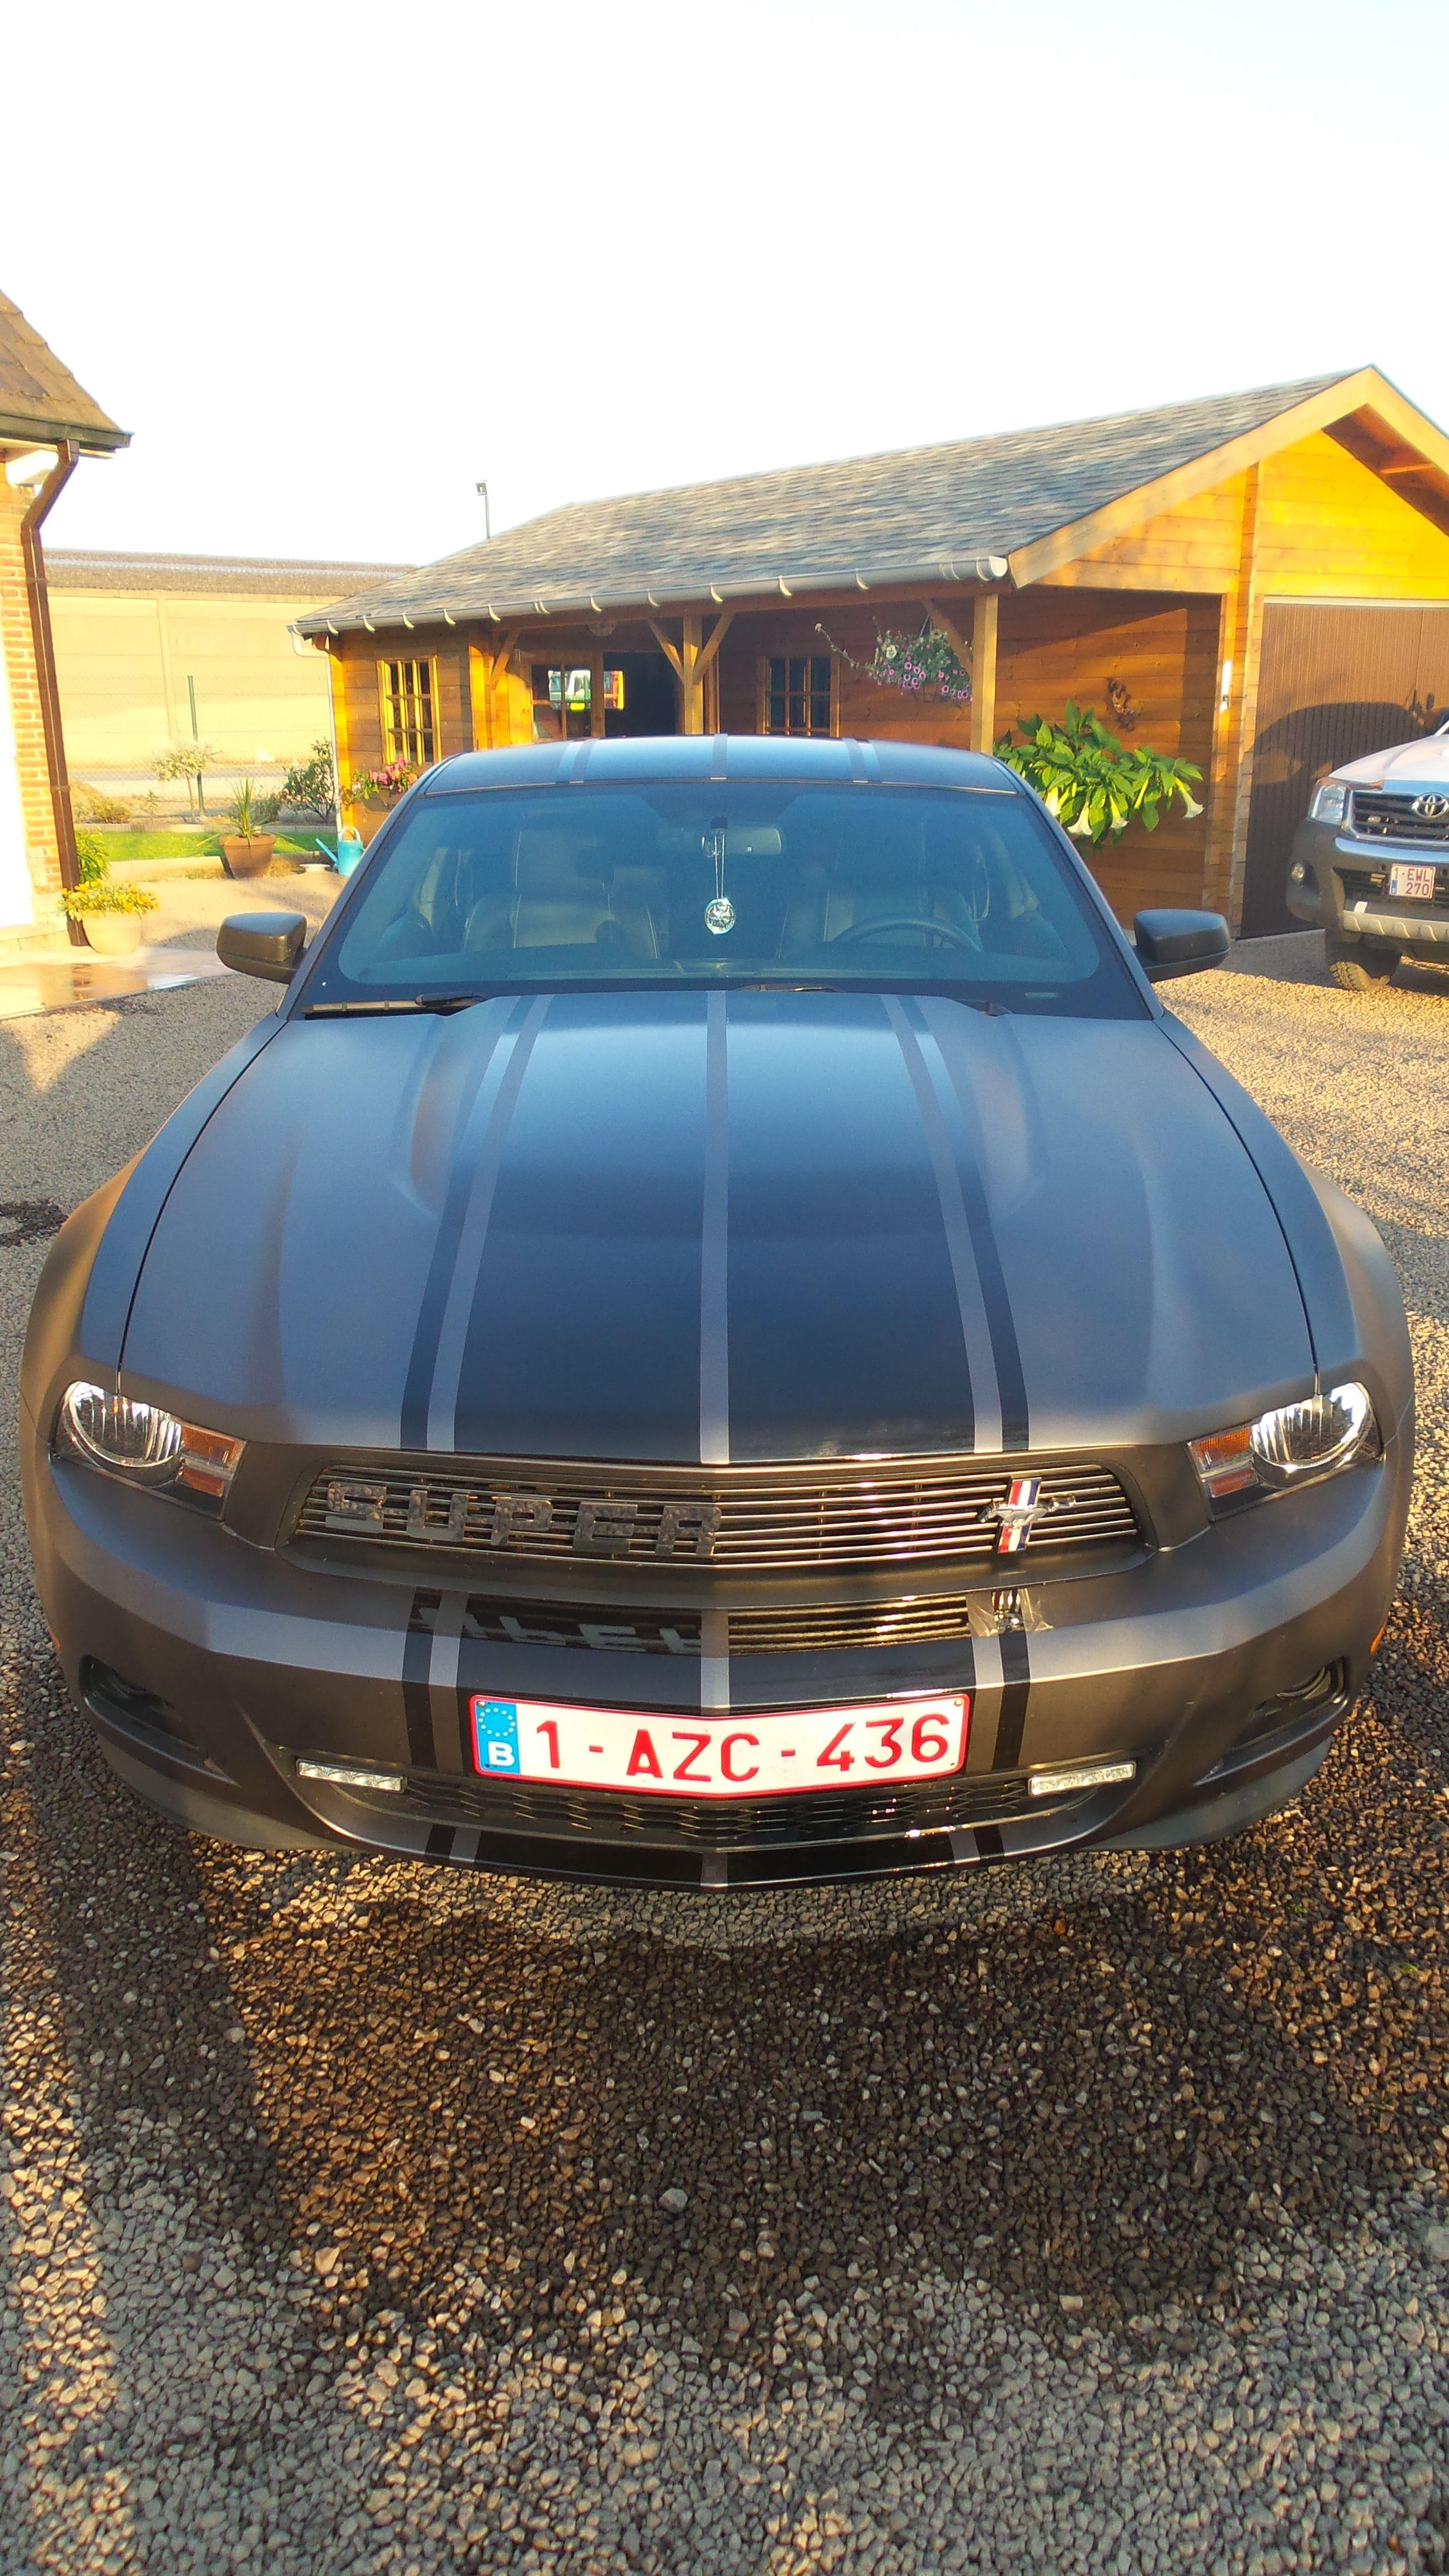 Ford Mustang 2009 met Gunpowder Wrap, Carwrapping door Wrapmyride.nu Foto-nr:5813, ©2021